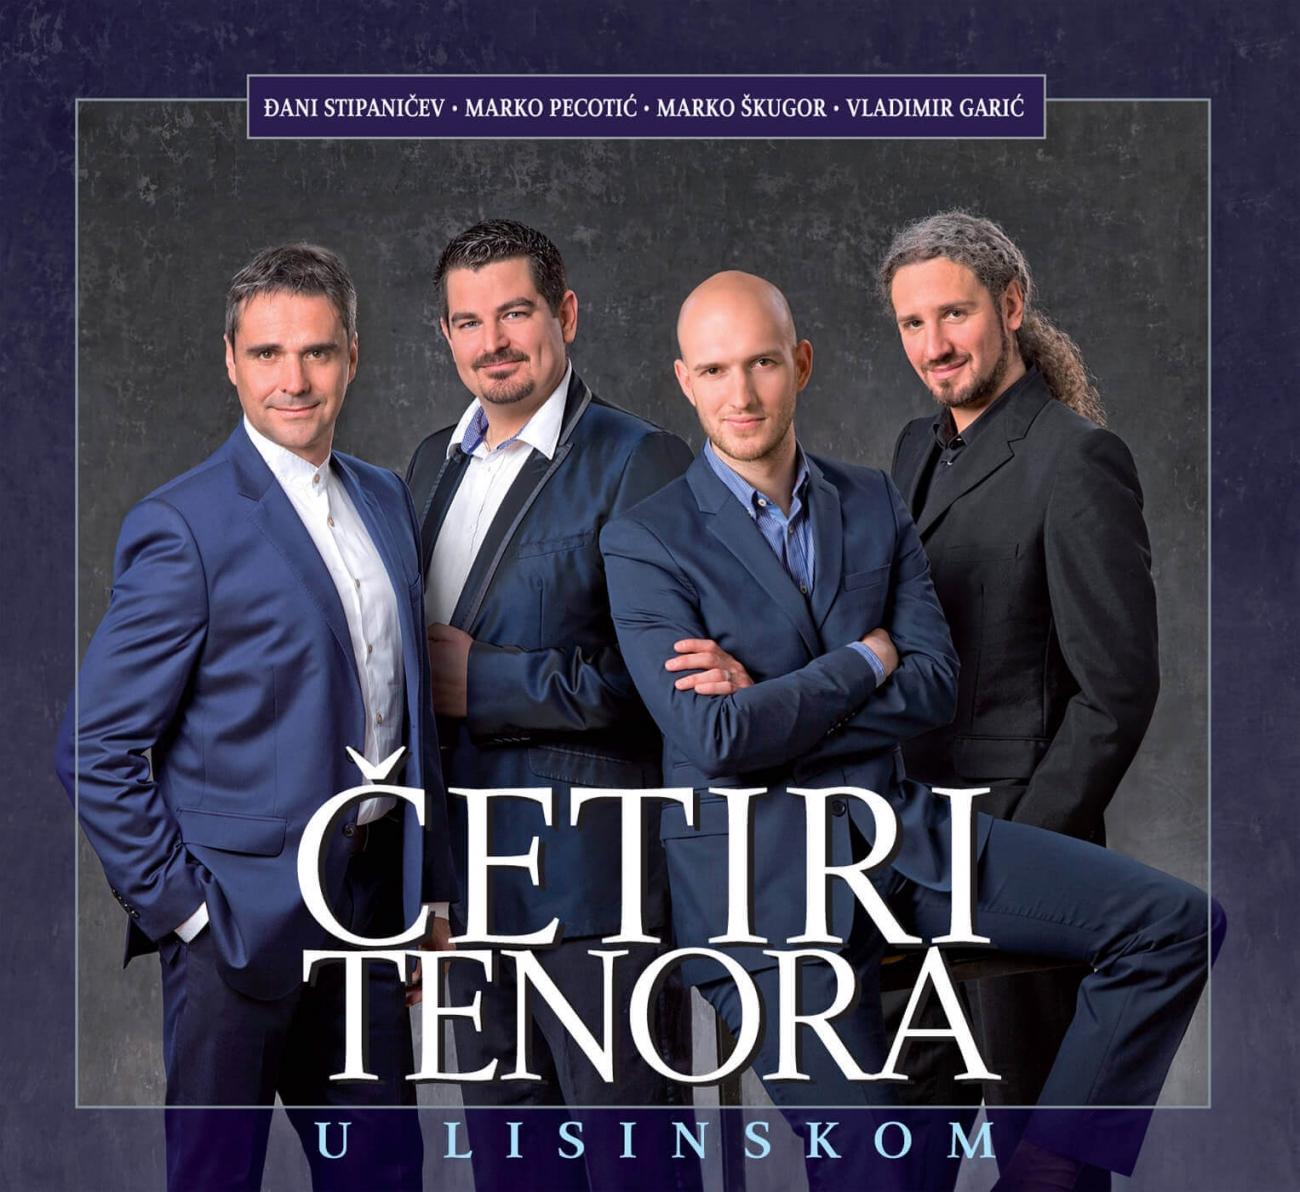 Cetiri_tenora_U_Lisinskom